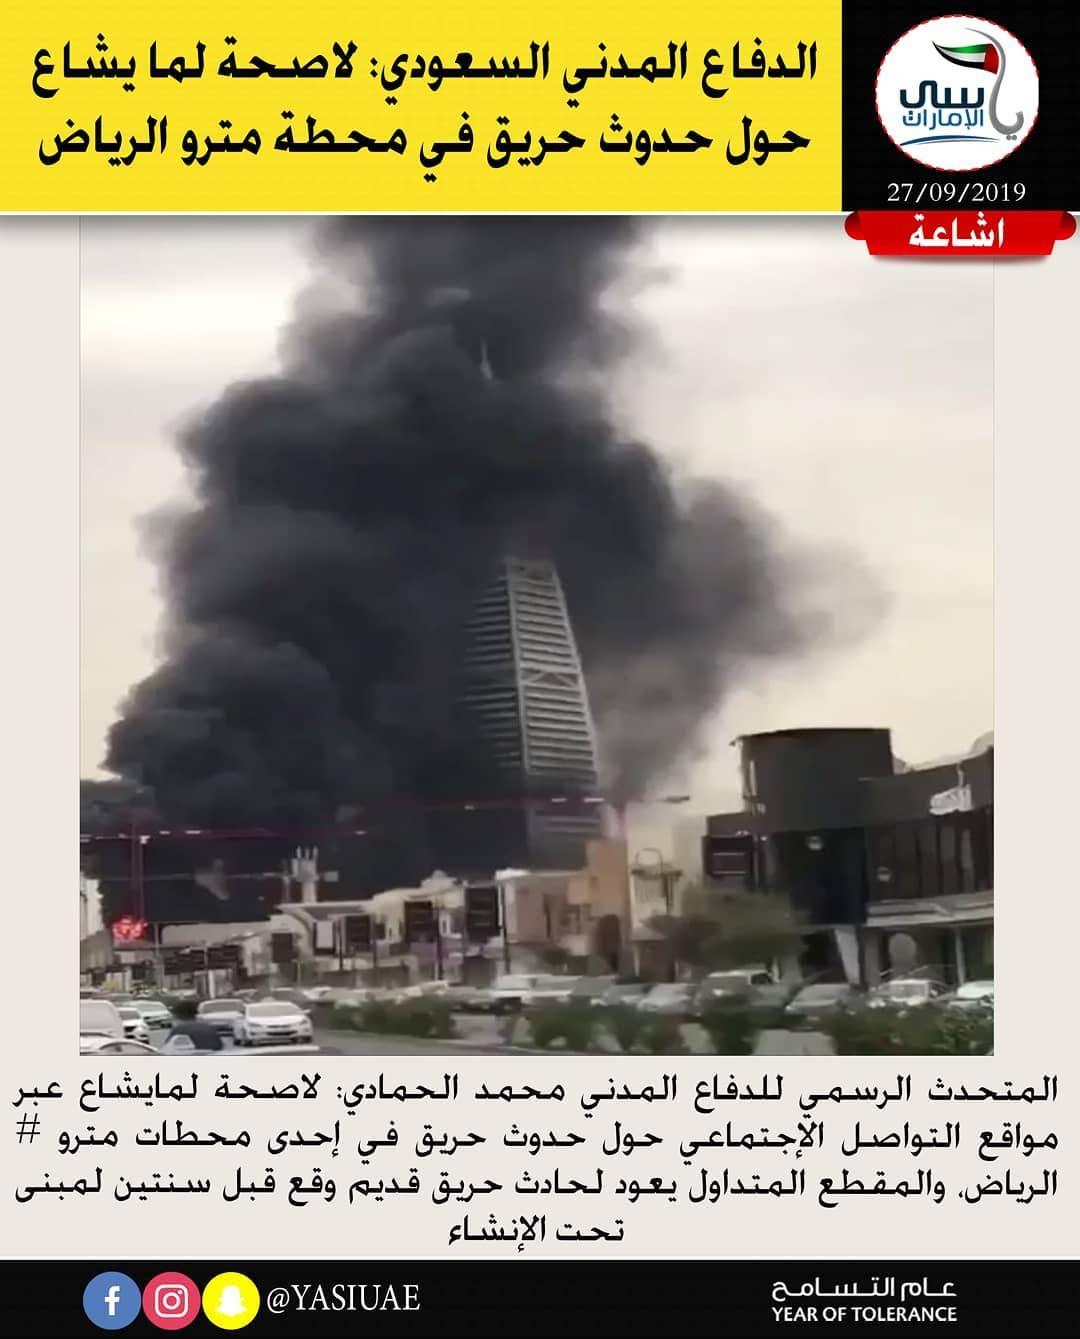 اشاعه المتحدث الرسمي للدفاع المدني محمد الحمادي لاصحة لمايشاع عبر مواقع التواصل الإجتماعي حول حدوث حريق في إحدى محطات مترو ال Poster Movie Posters Movies